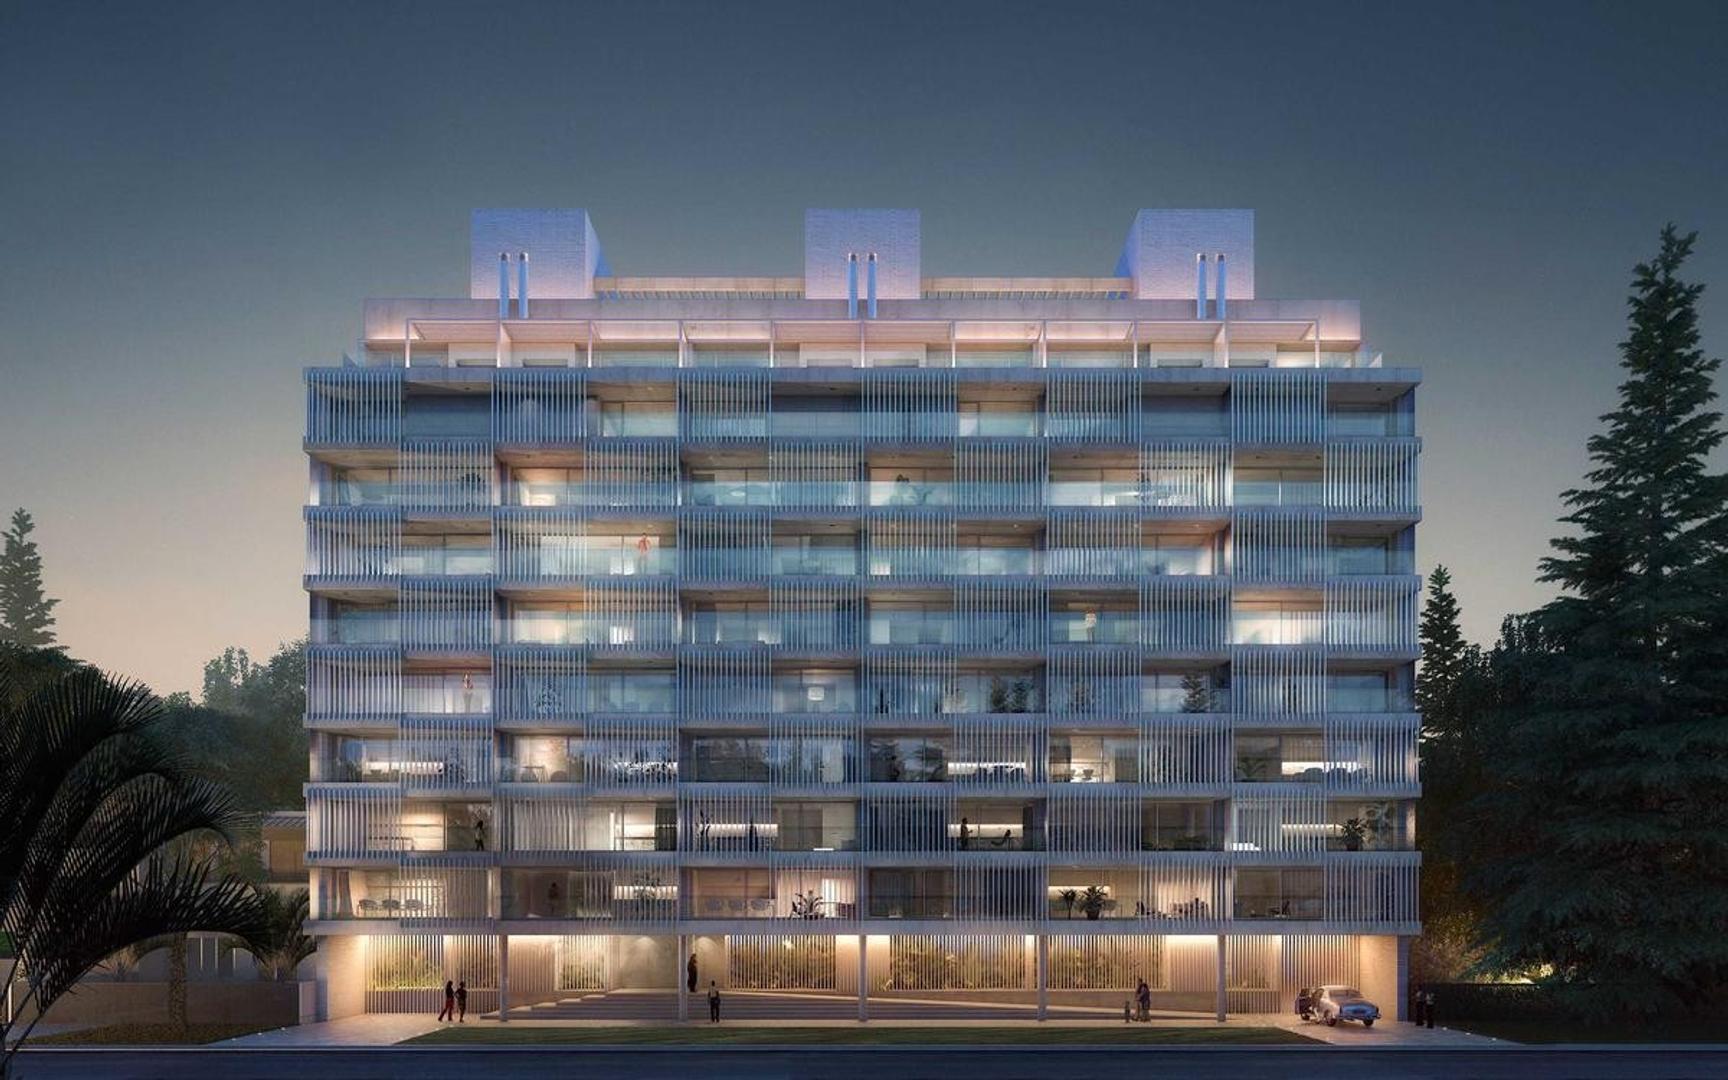 Excelente Sofisticado Imponente edificio en construccion ubicado en zona exclusiva en Puerto Olivos